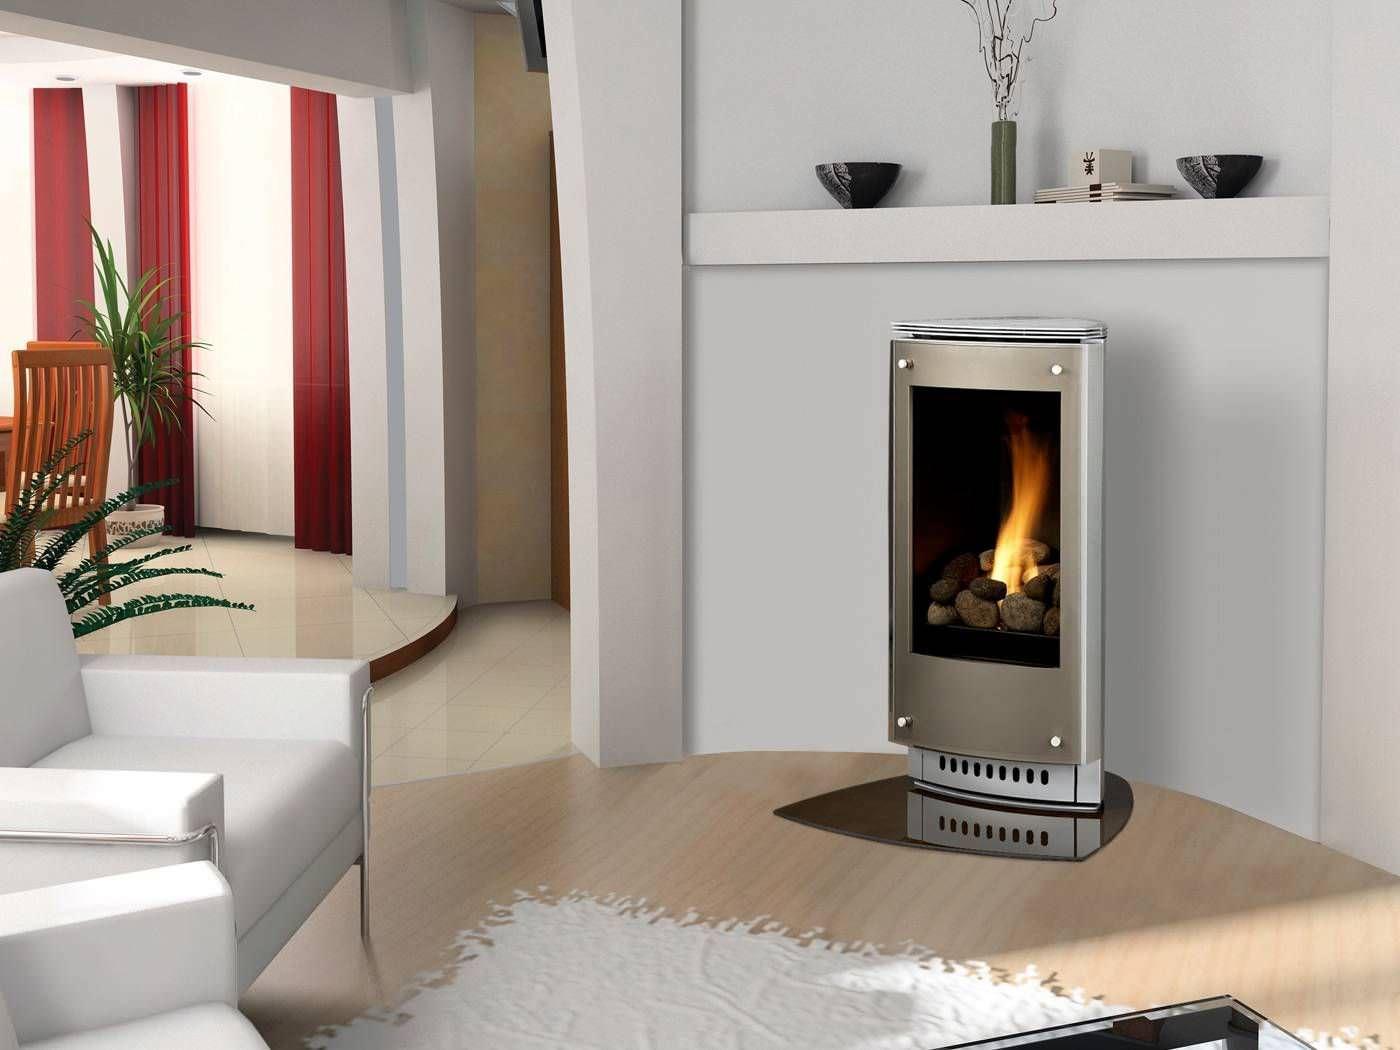 prix d 39 un po le gaz 2018. Black Bedroom Furniture Sets. Home Design Ideas